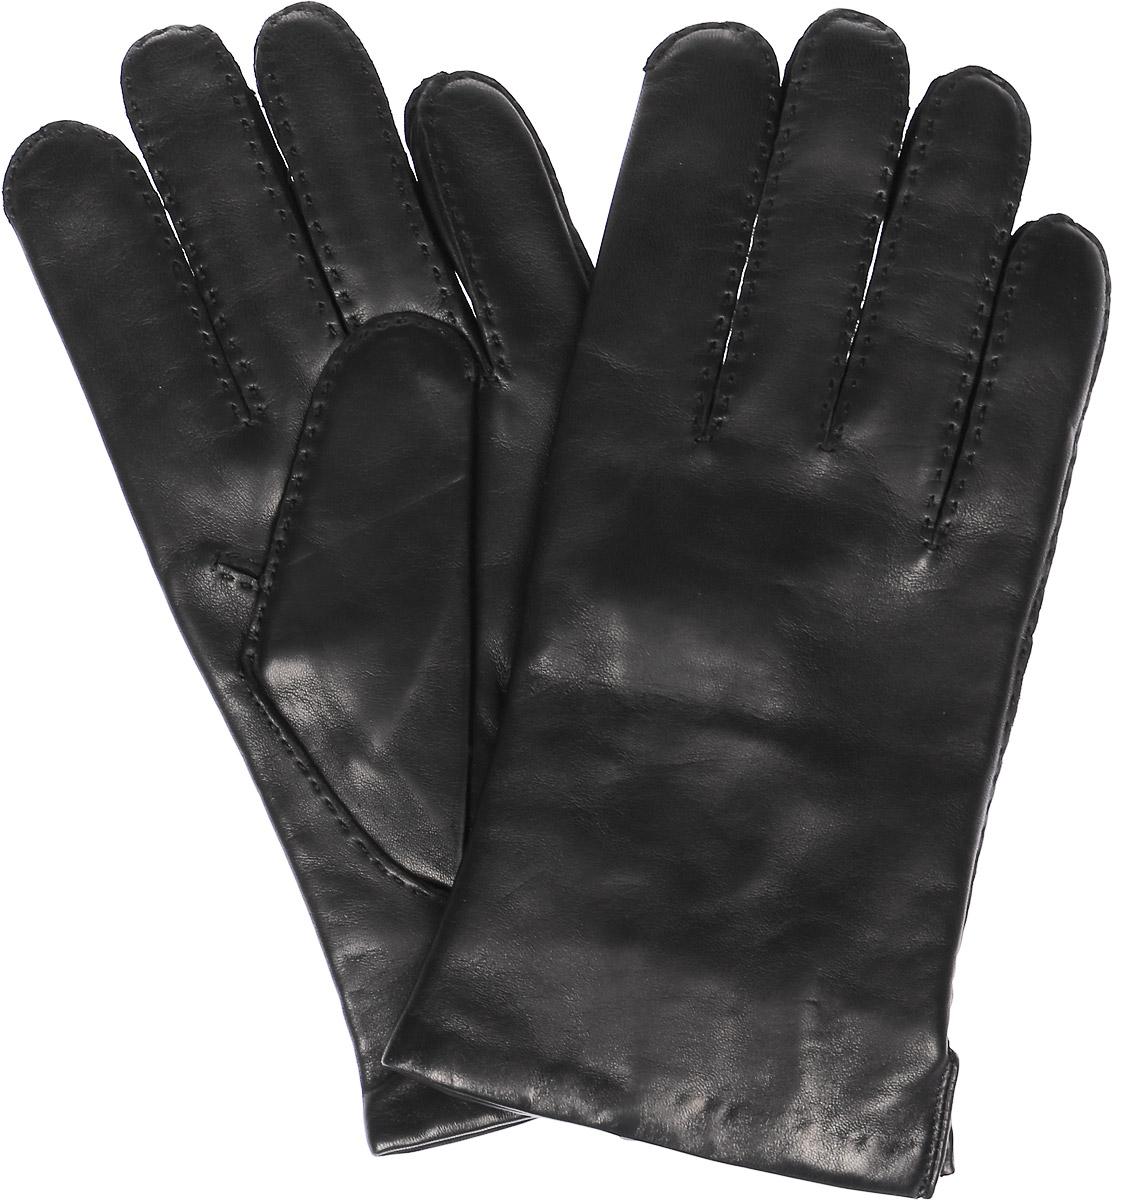 Перчатки мужские Michel Katana, цвет: черный. K11-PORINGE. Размер 9K11-PORINGE/BLМужские перчатки Michel Katana не только защитят ваши руки, но и станут великолепным украшением. Перчатки выполнены из натуральной кожи, а подкладка - из высококачественной шерсти.